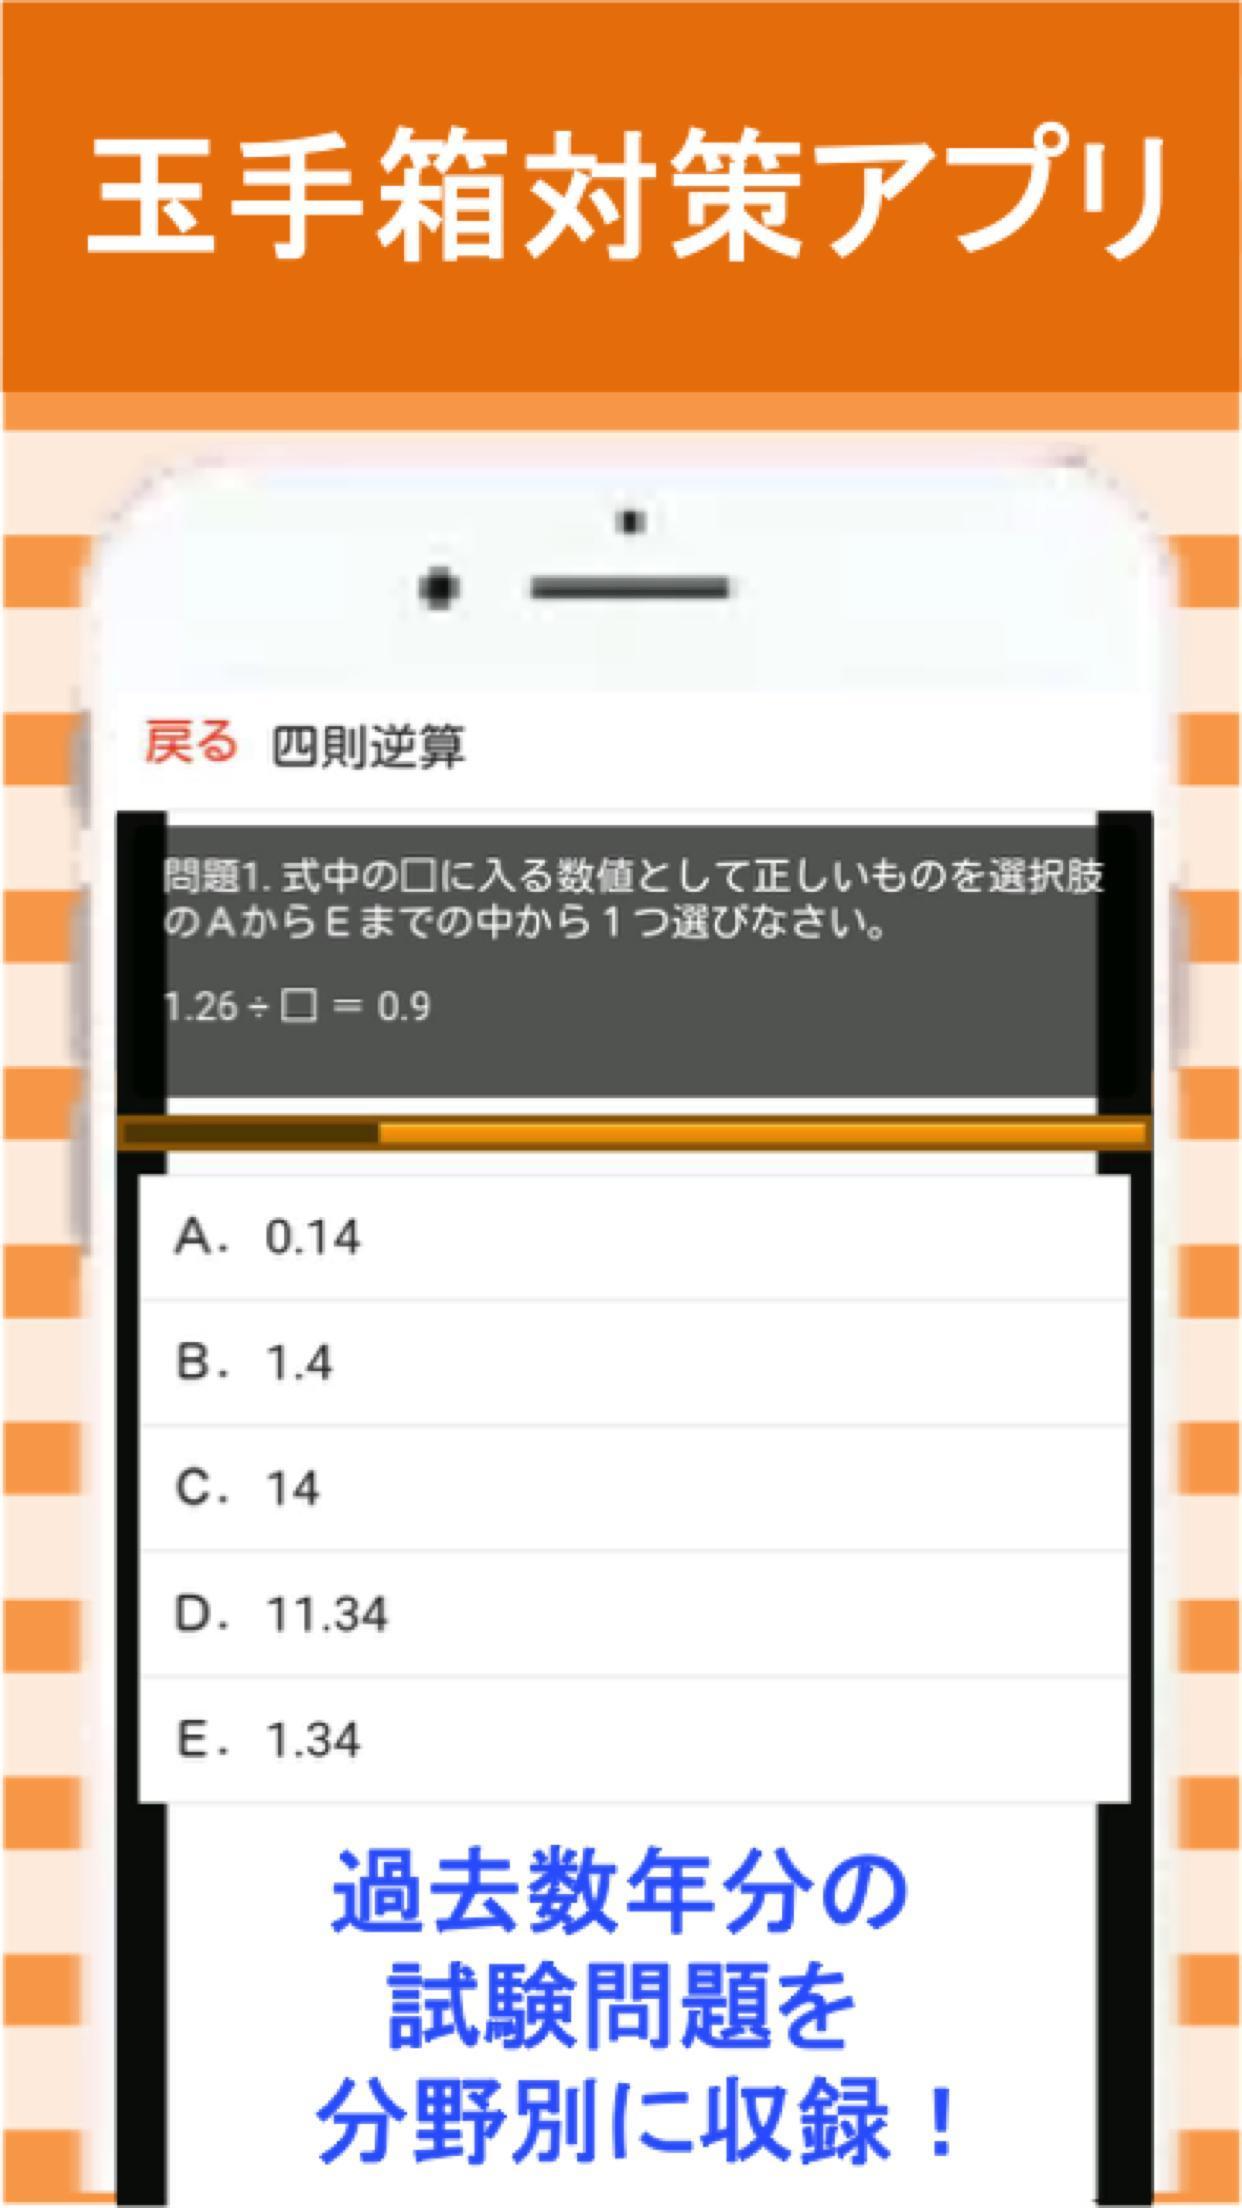 玉手箱安卓下载,安卓版APK | 免费下载